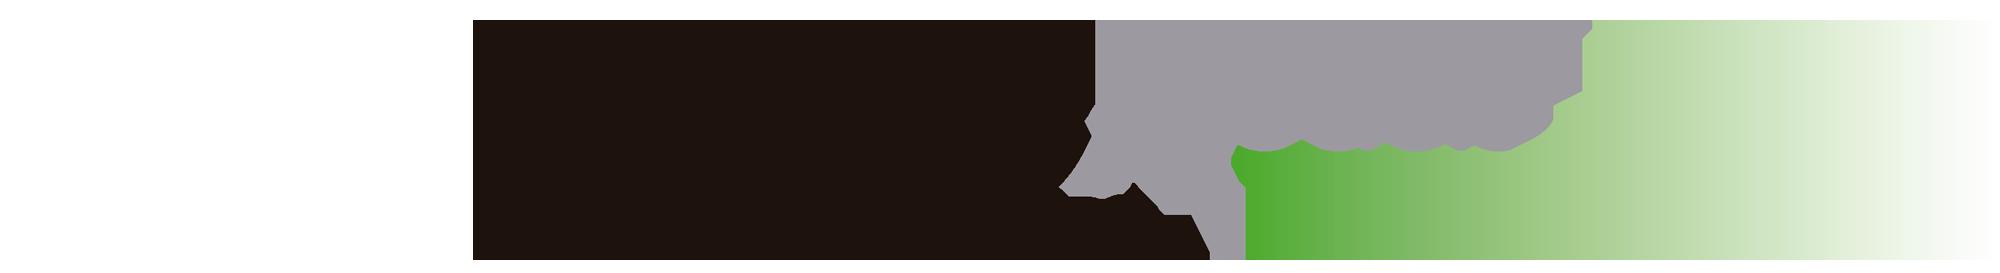 carmen gil - Agencia escuela de modelos Barcelona